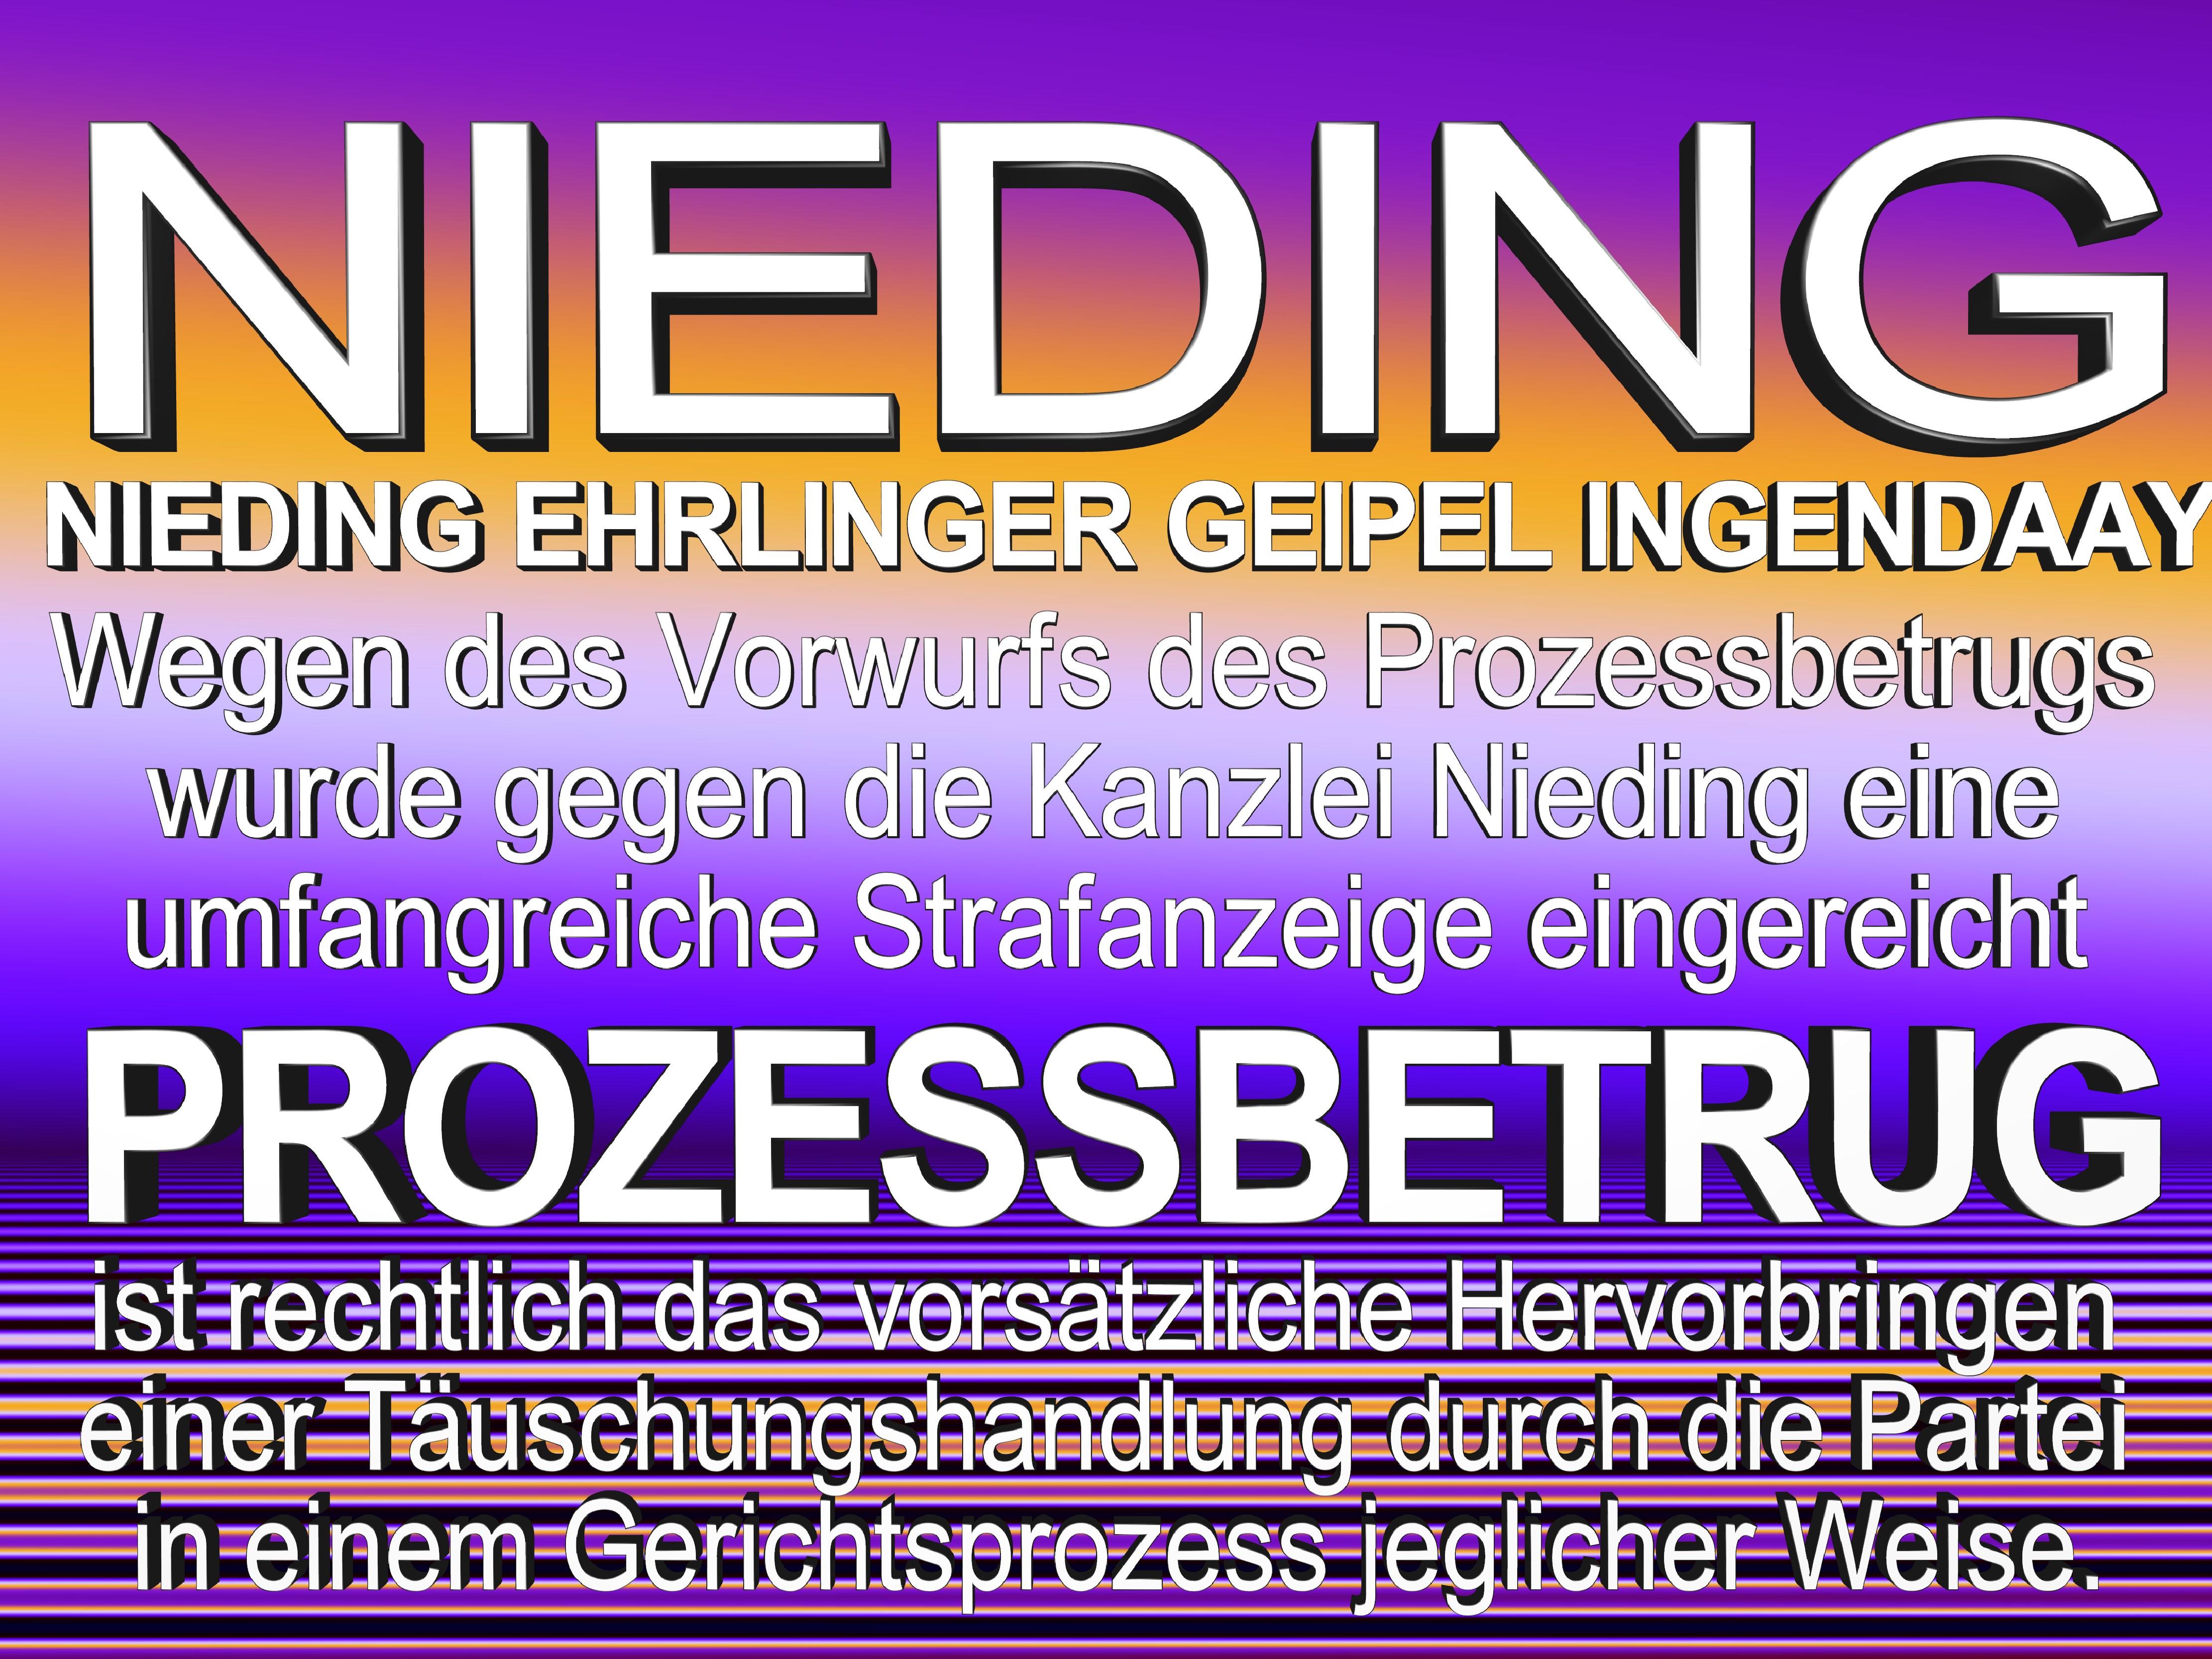 NIEDING EHRLINGER GEIPEL INGENDAAY LELKE Kurfürstendamm 66 Berlin (77)